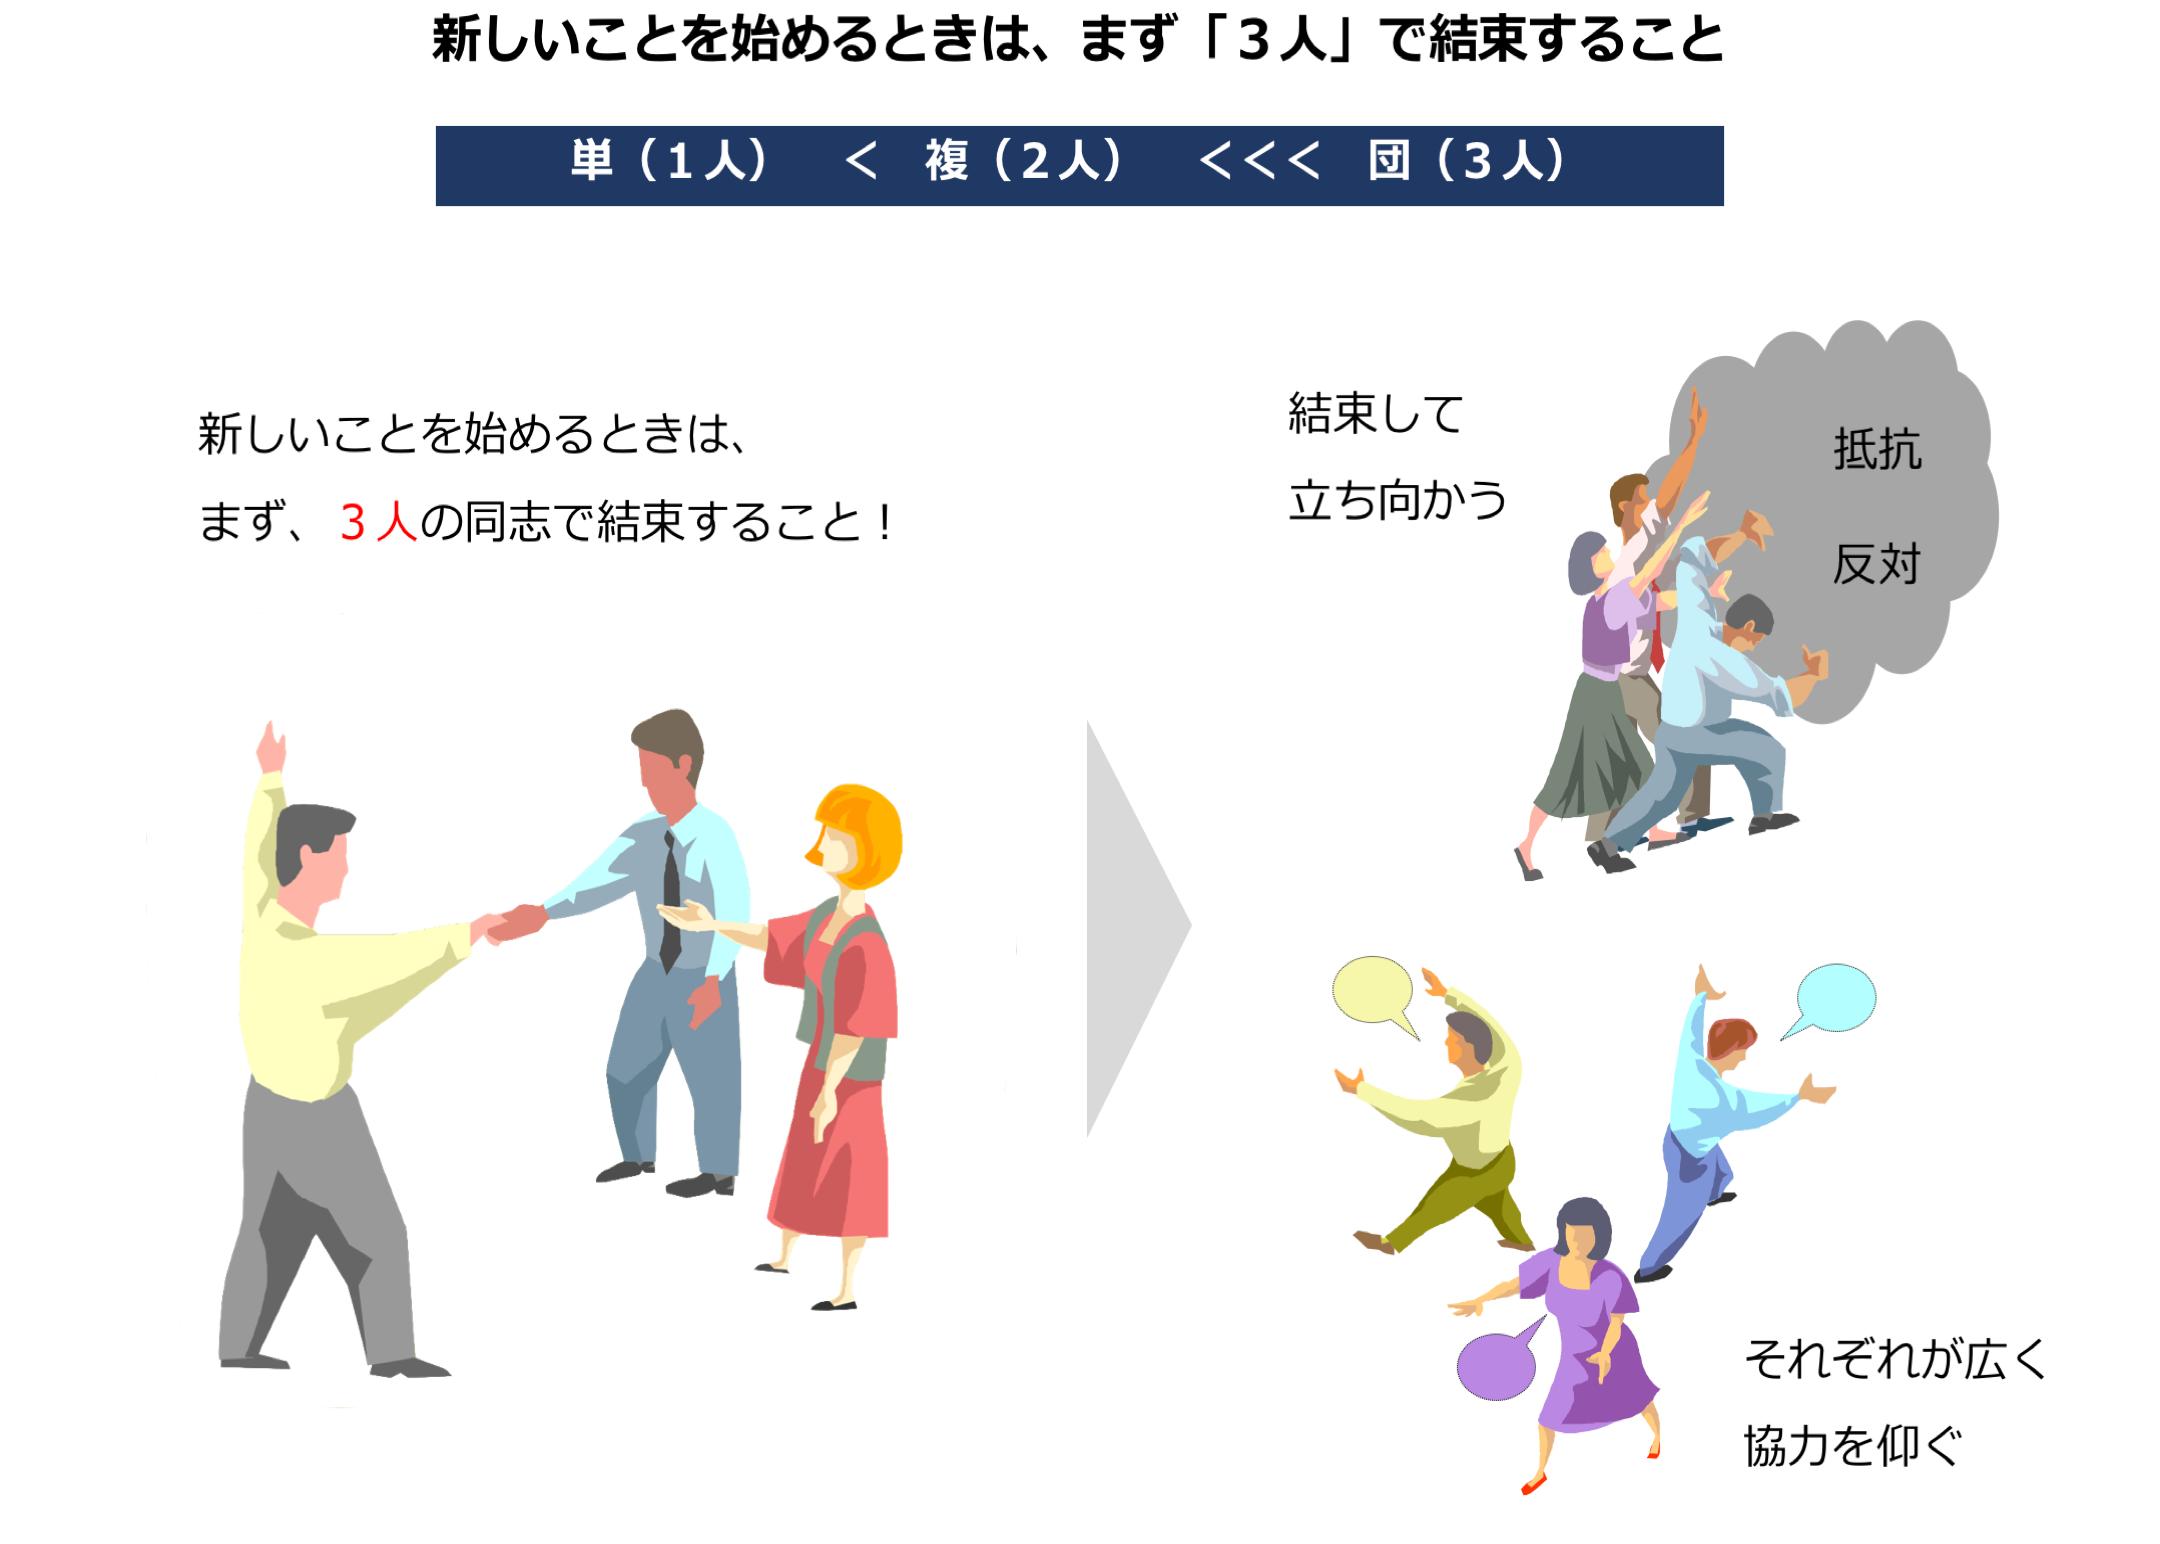 col_tsukamatsu_020_02.png